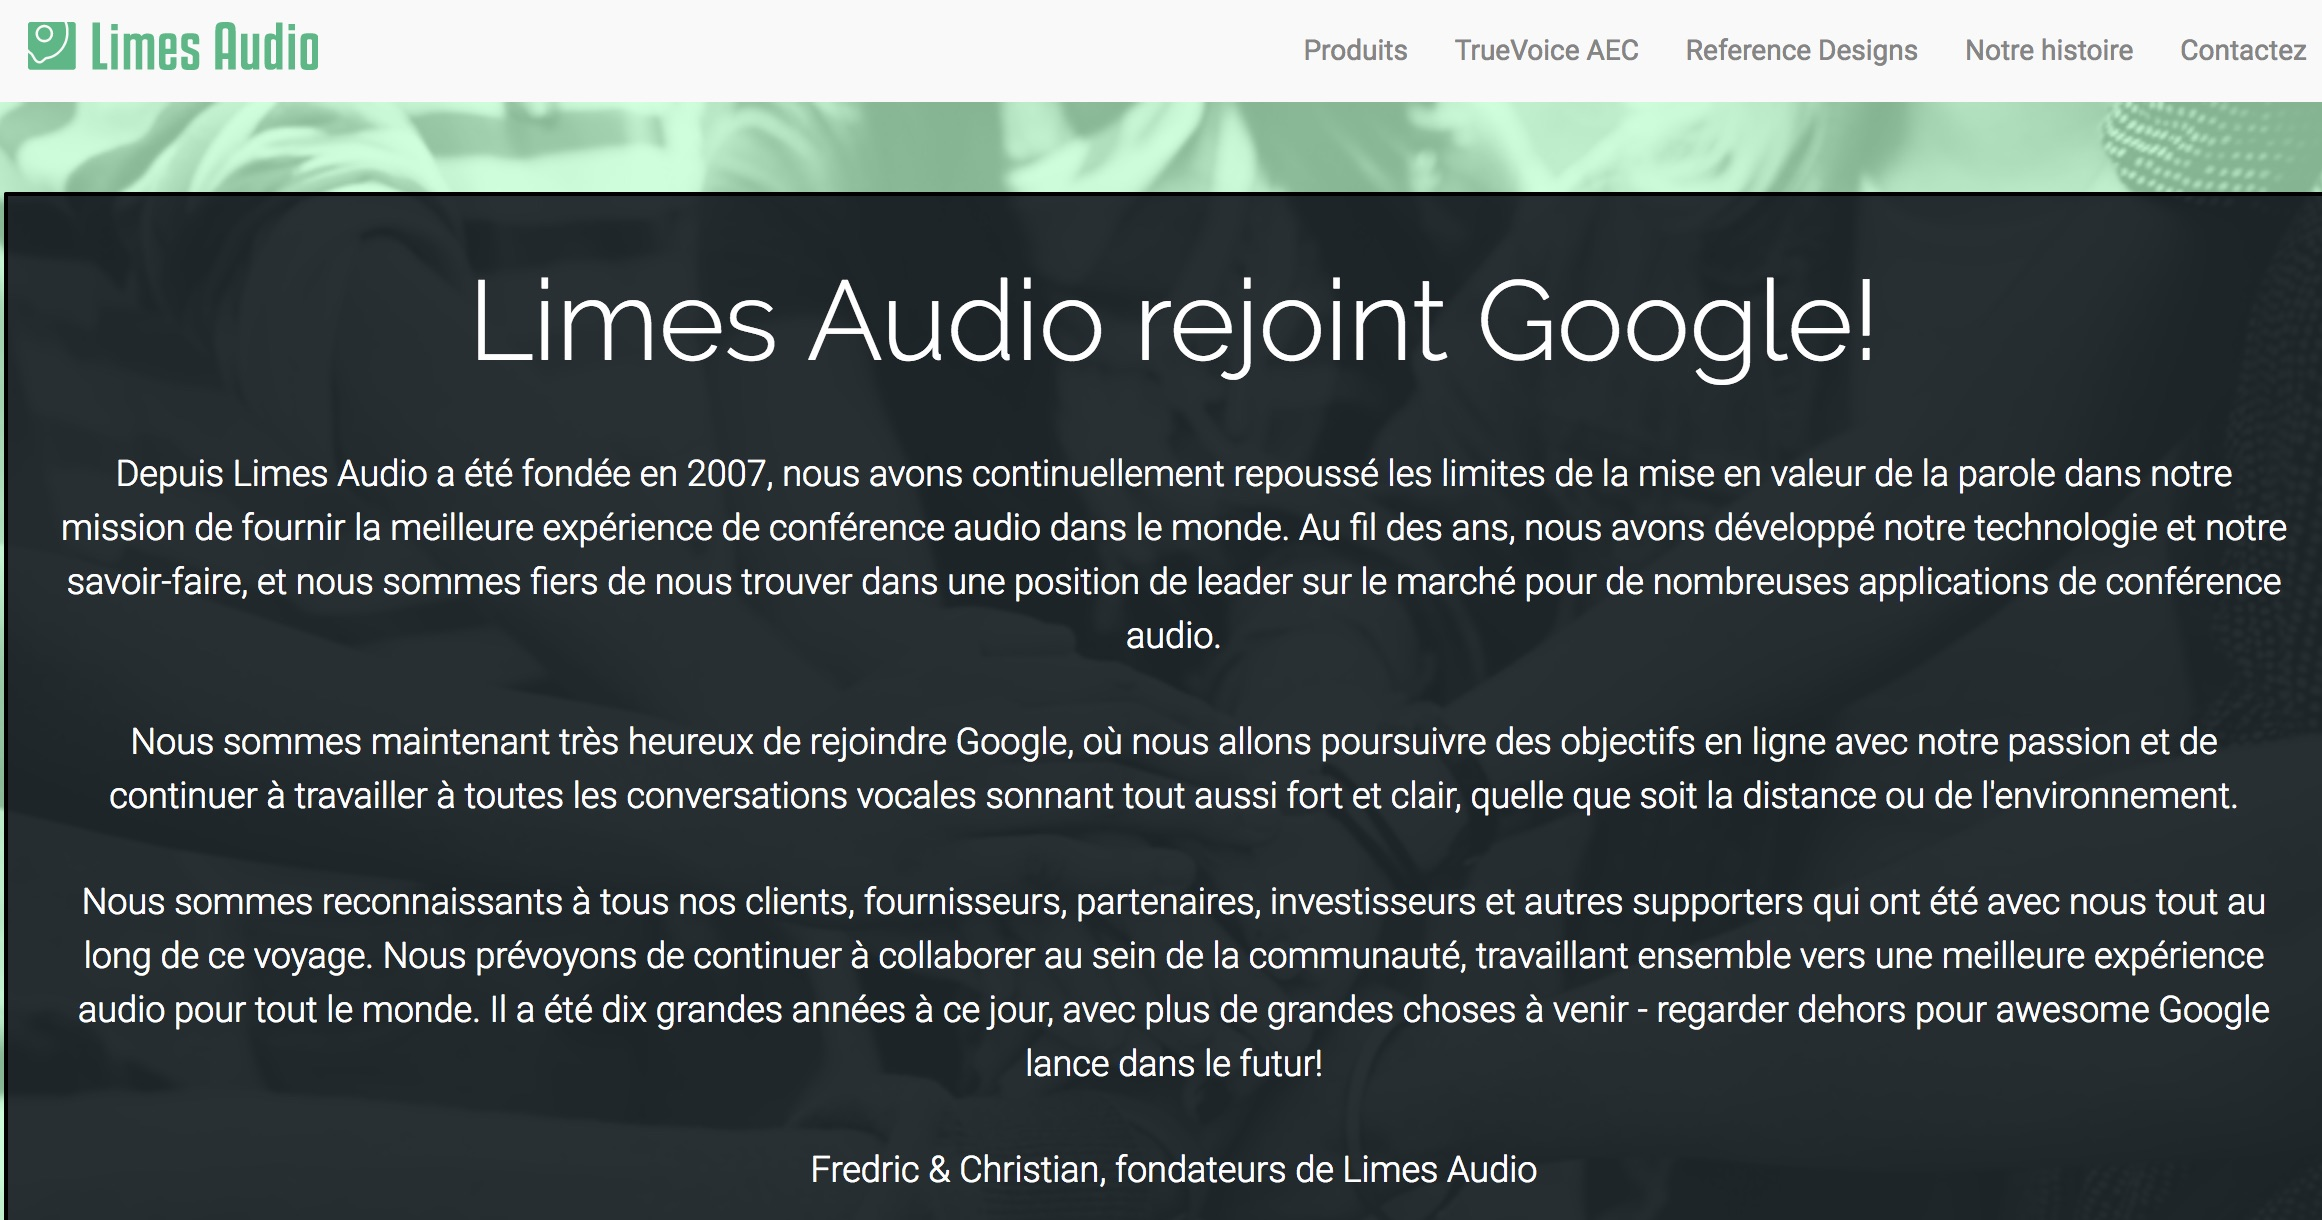 les_createurs_de_l_truevoice_experience___limes_audio